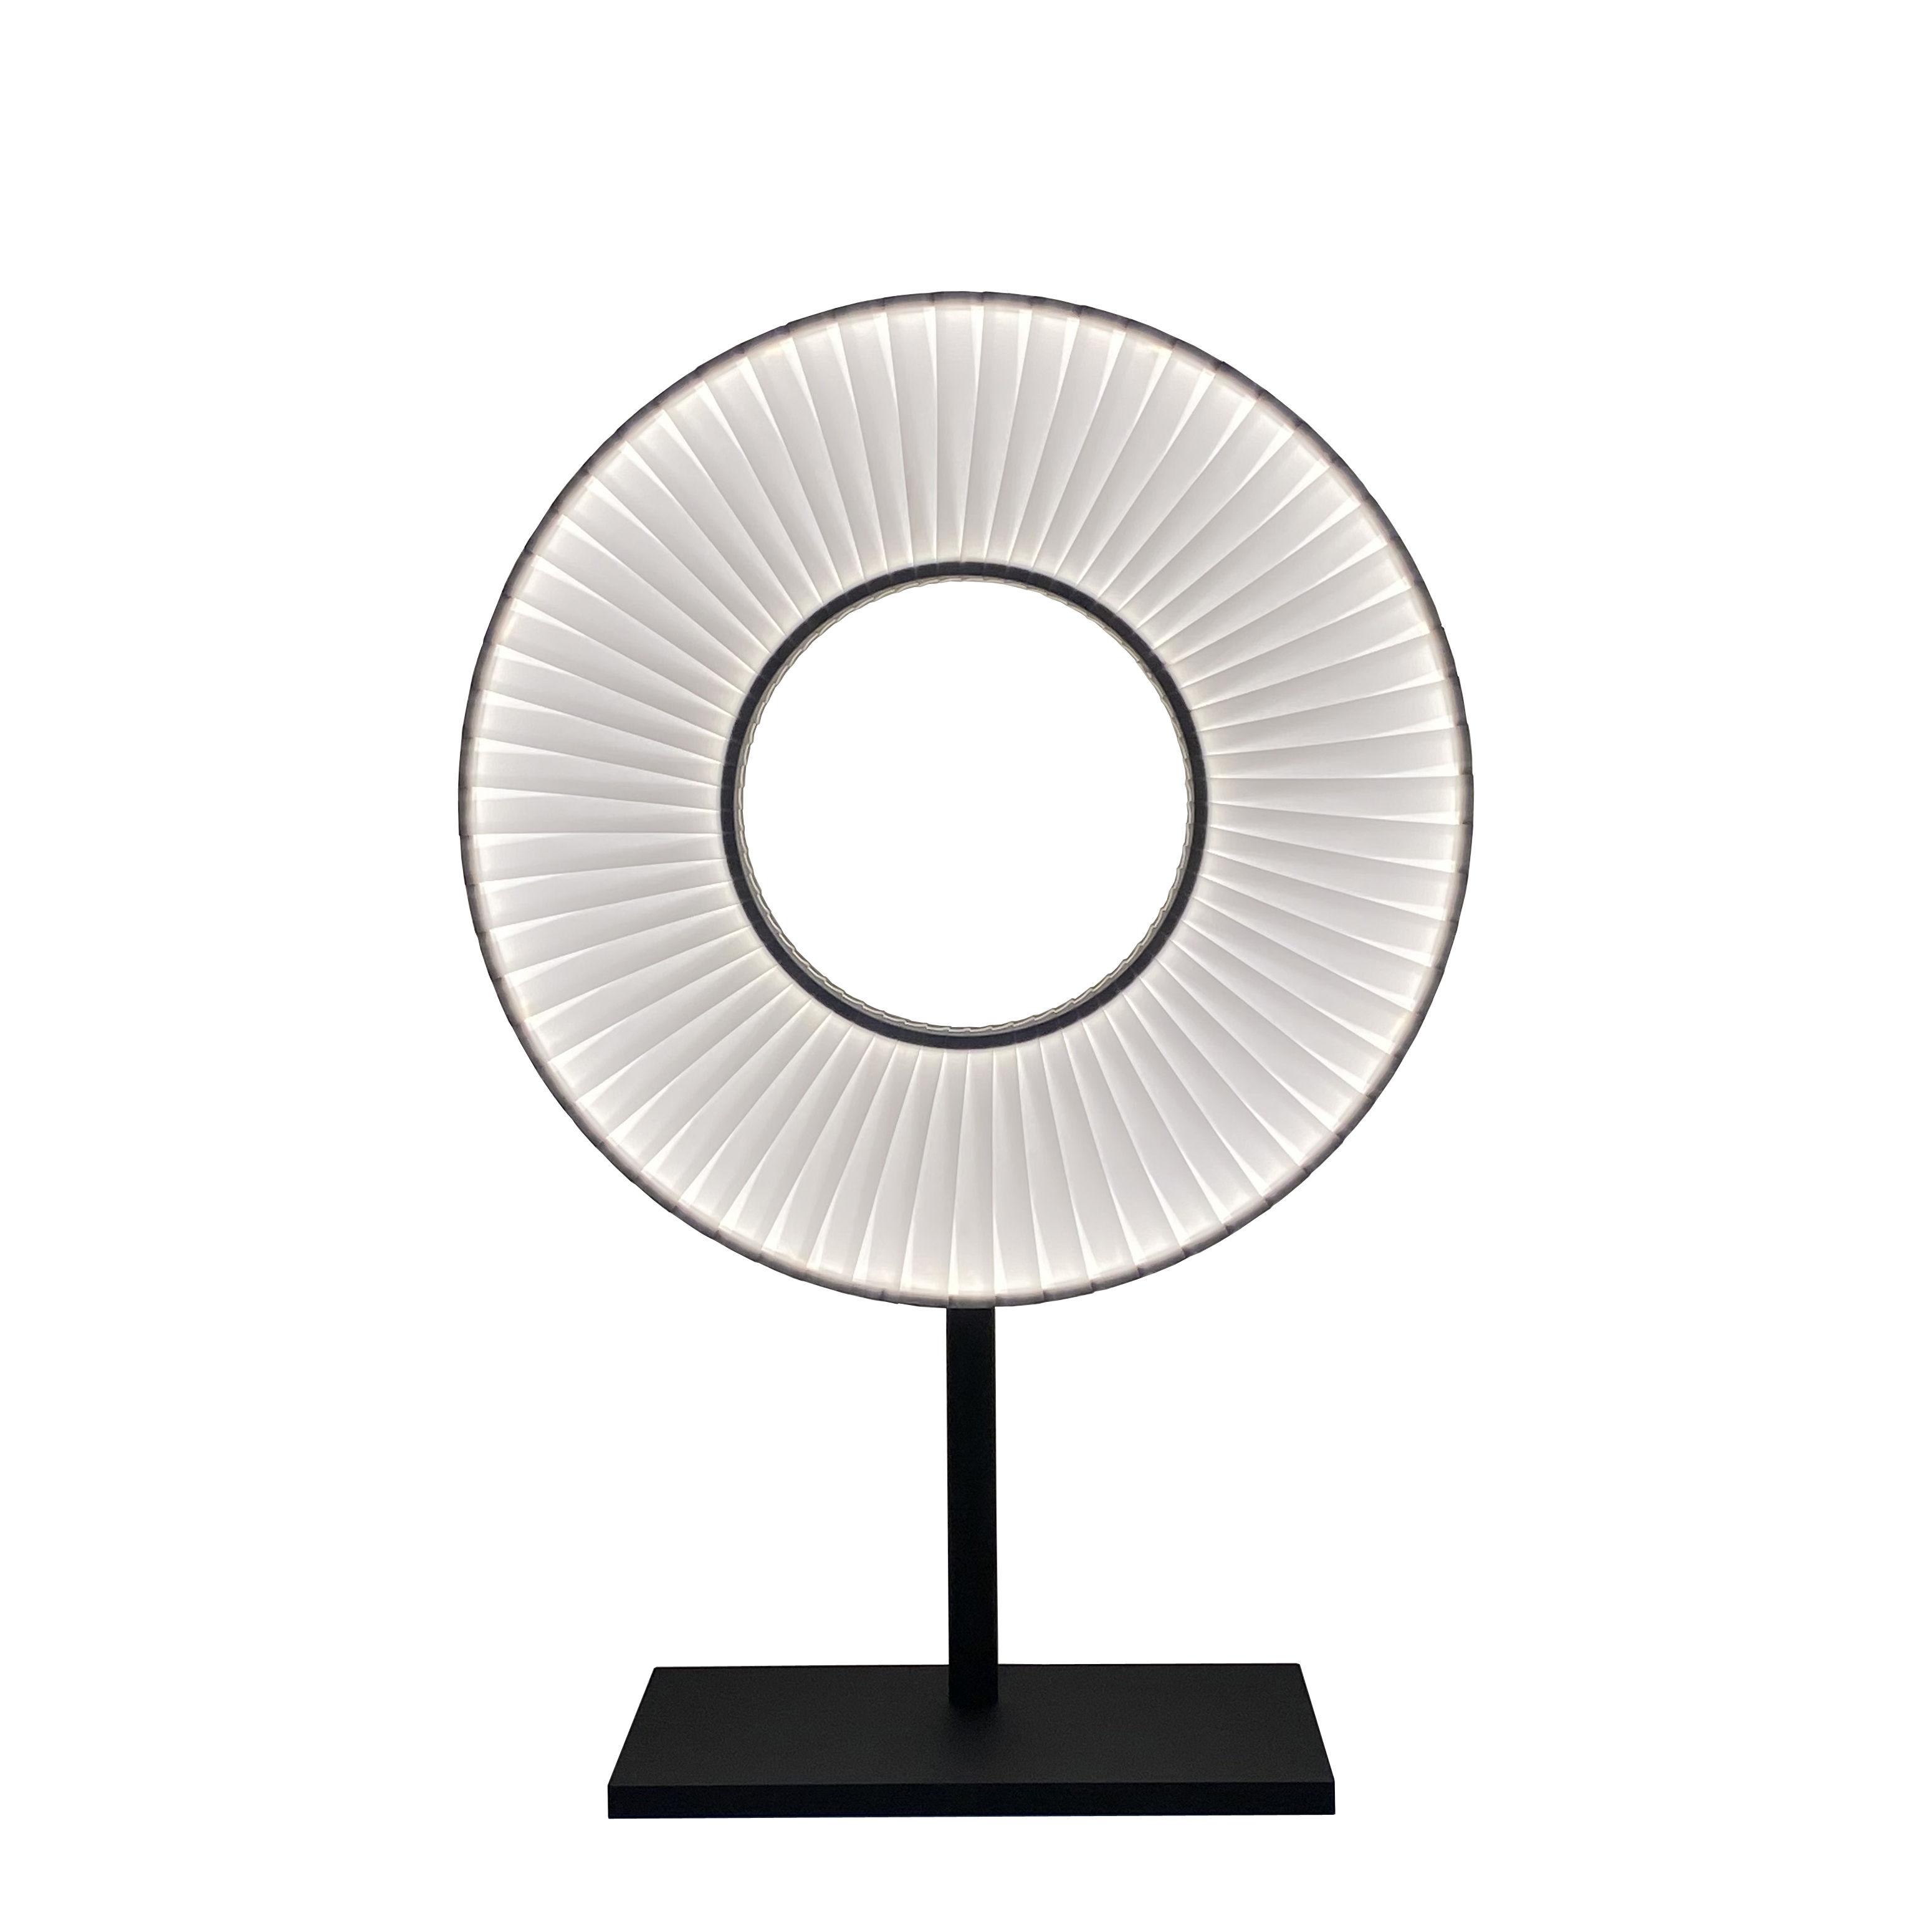 Illuminazione - Lampade da tavolo - Lampada da tavolo Iris - LED / H 61 cm - Tessuto & illuminazione a due facce di Dix Heures Dix - Bianco & Nero - metallo laccato, Tessuto poliestere